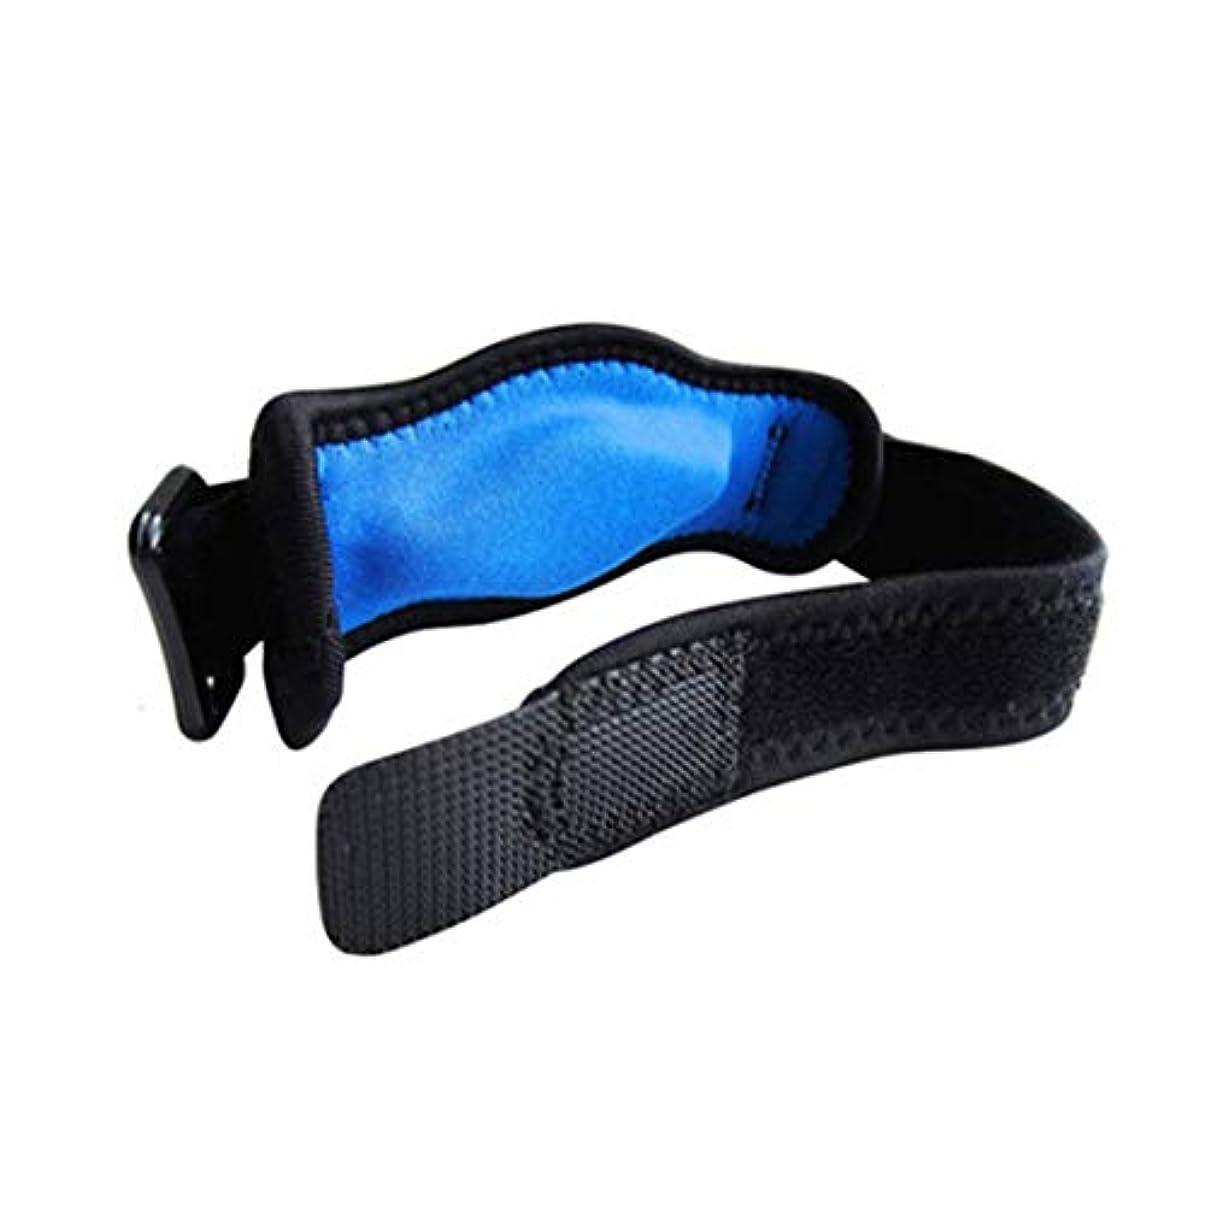 信号道路を作るプロセス心配調整可能なテニス肘サポートストラップブレースゴルフ前腕の痛みの軽減-ブラック